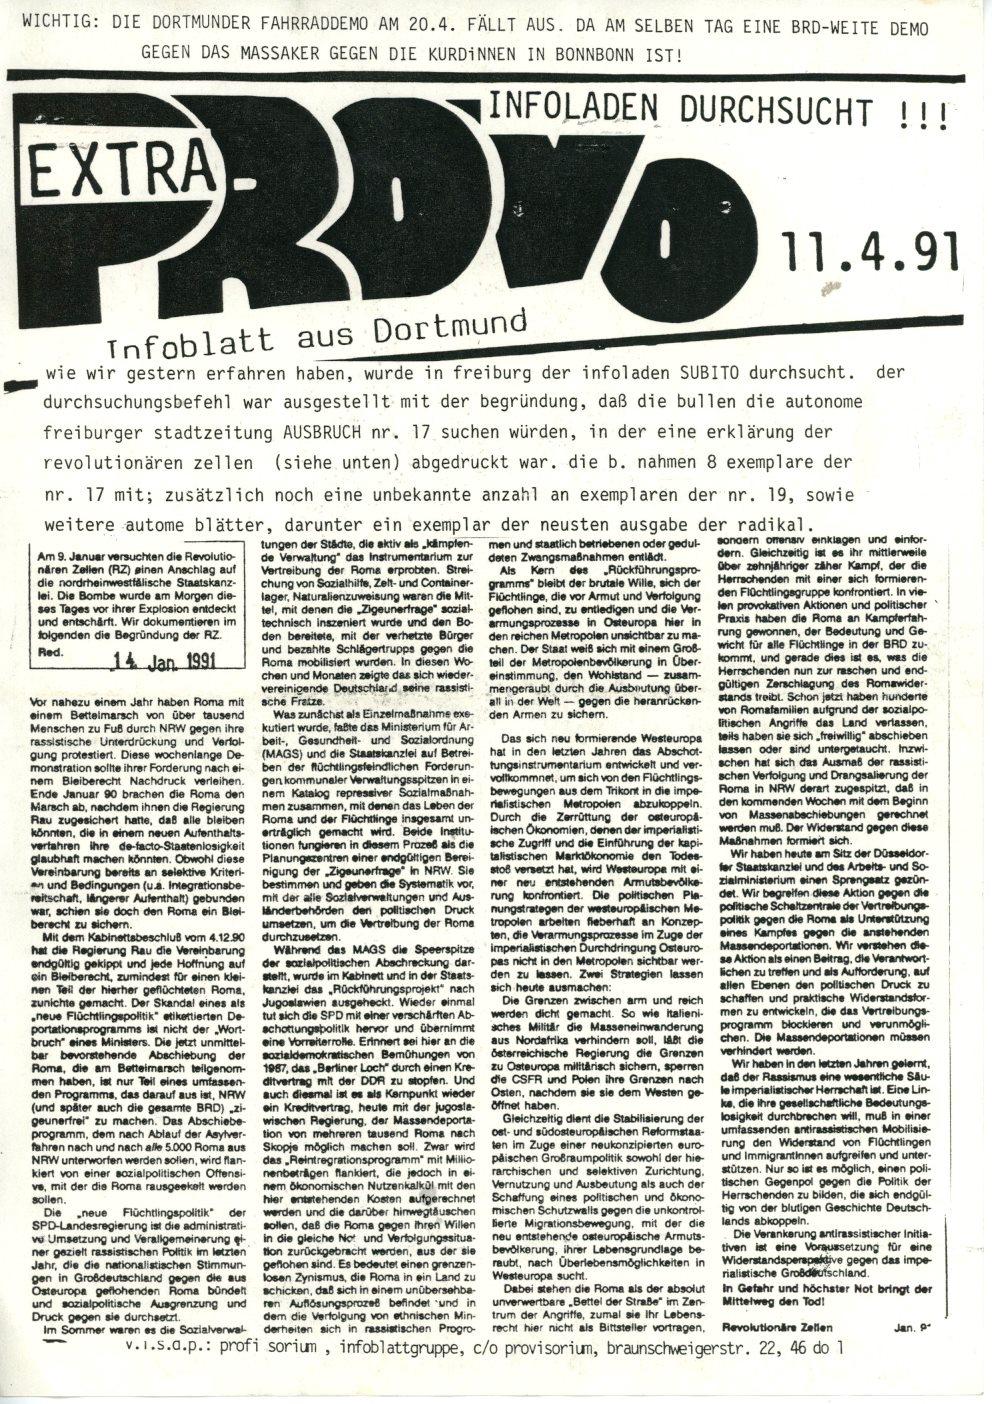 Dortmund_Provo_1991_Extra_01